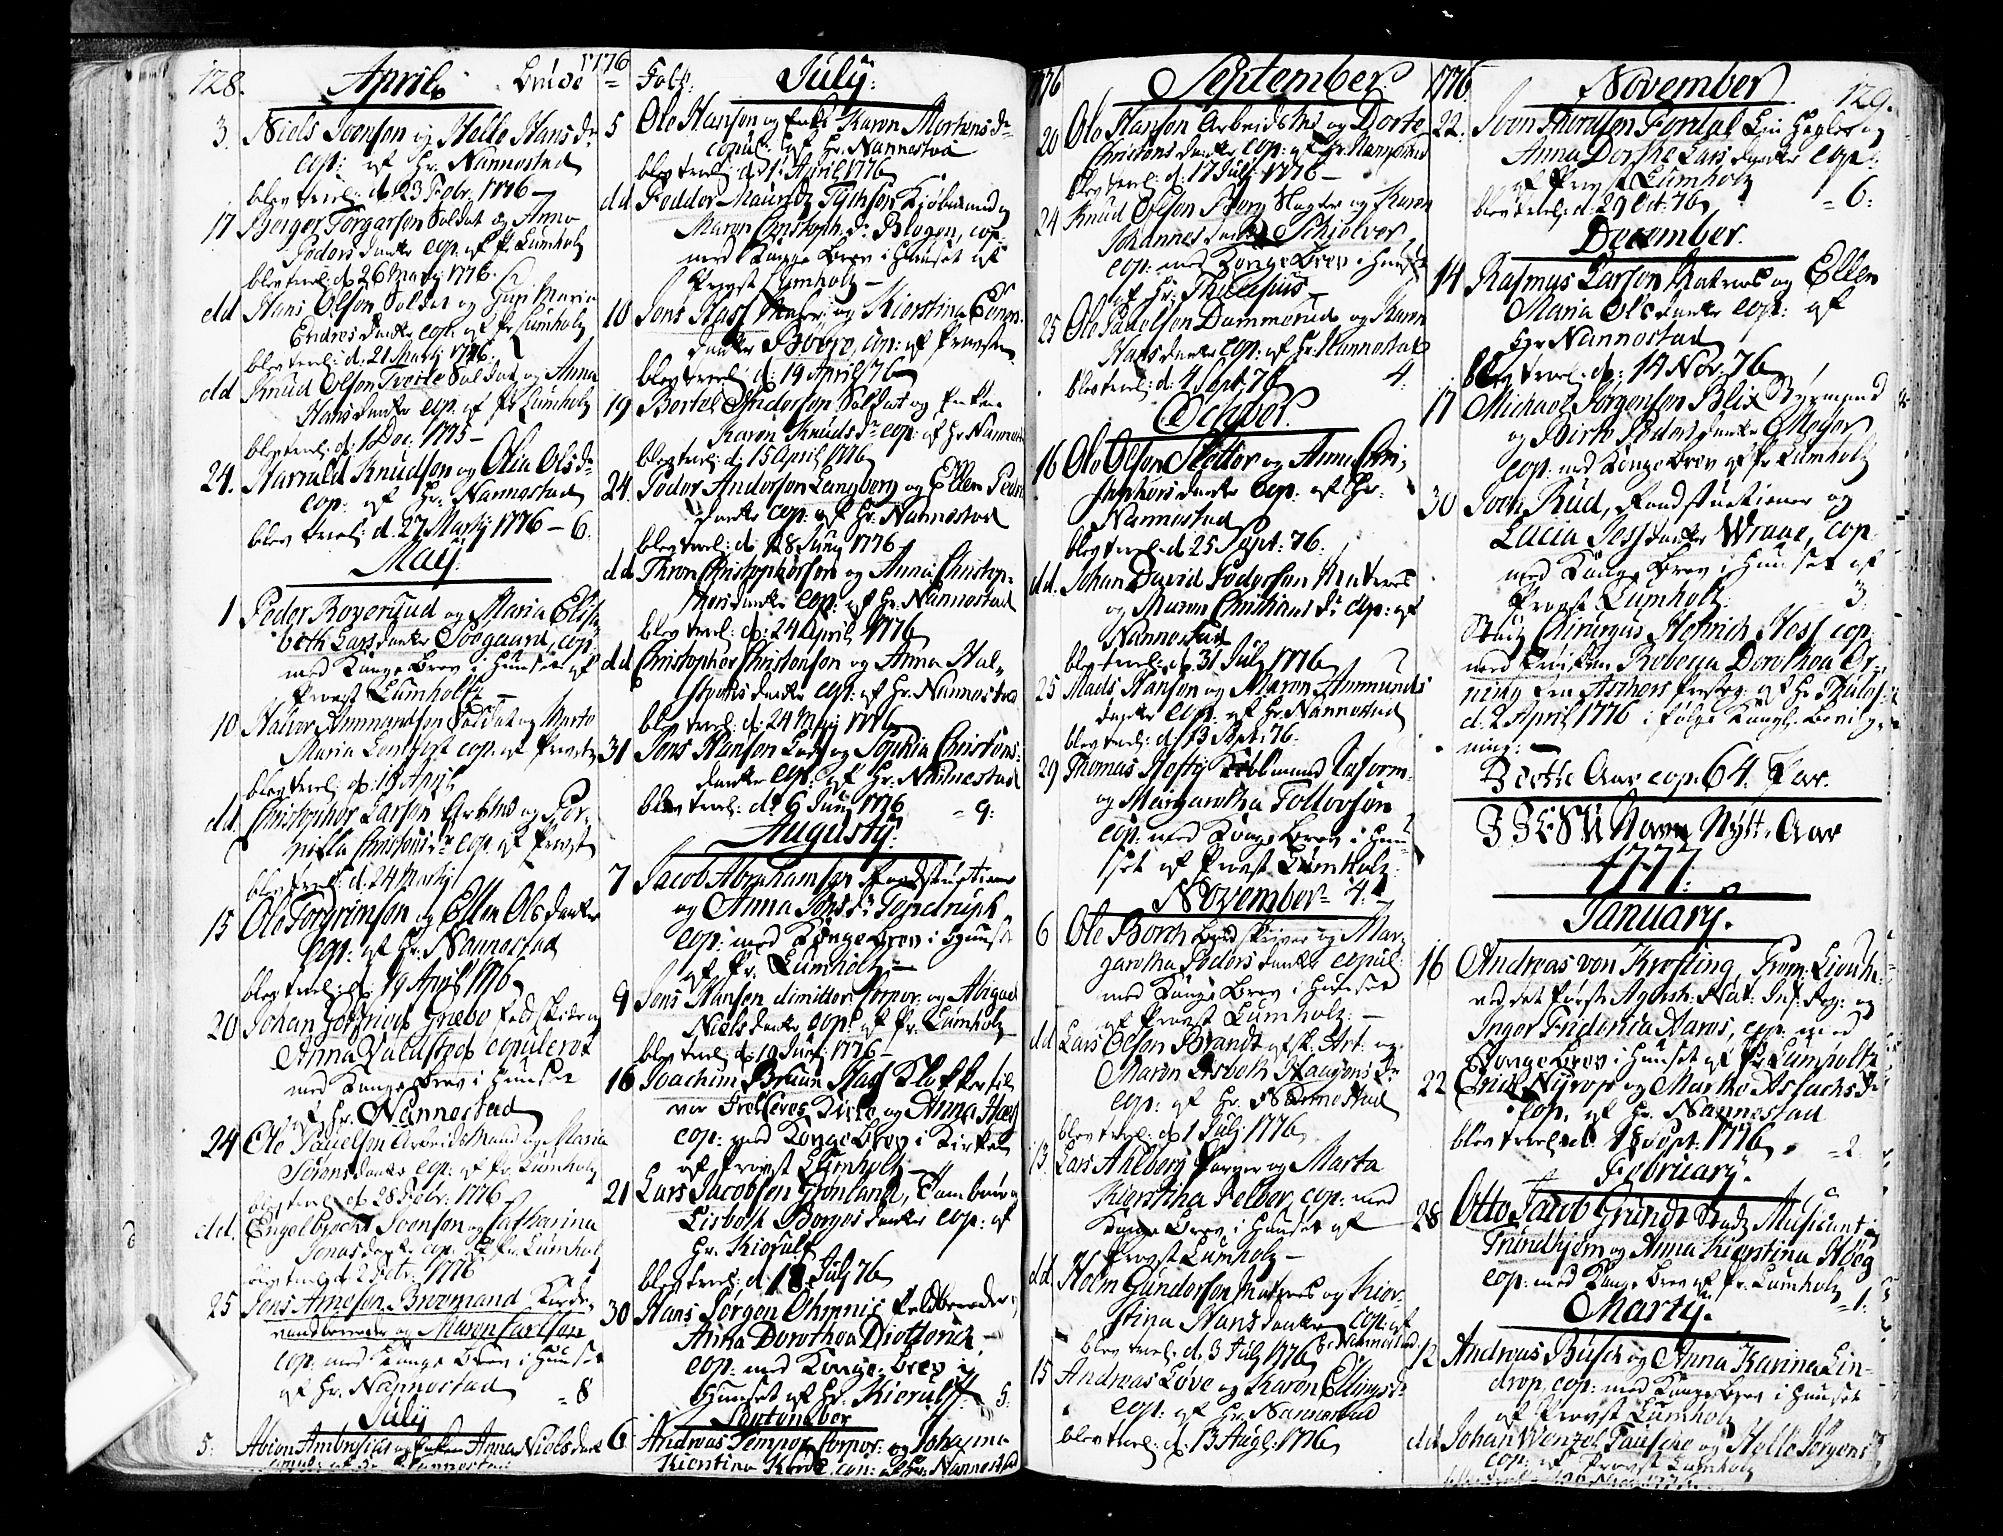 SAO, Oslo domkirke Kirkebøker, F/Fa/L0004: Ministerialbok nr. 4, 1743-1786, s. 128-129